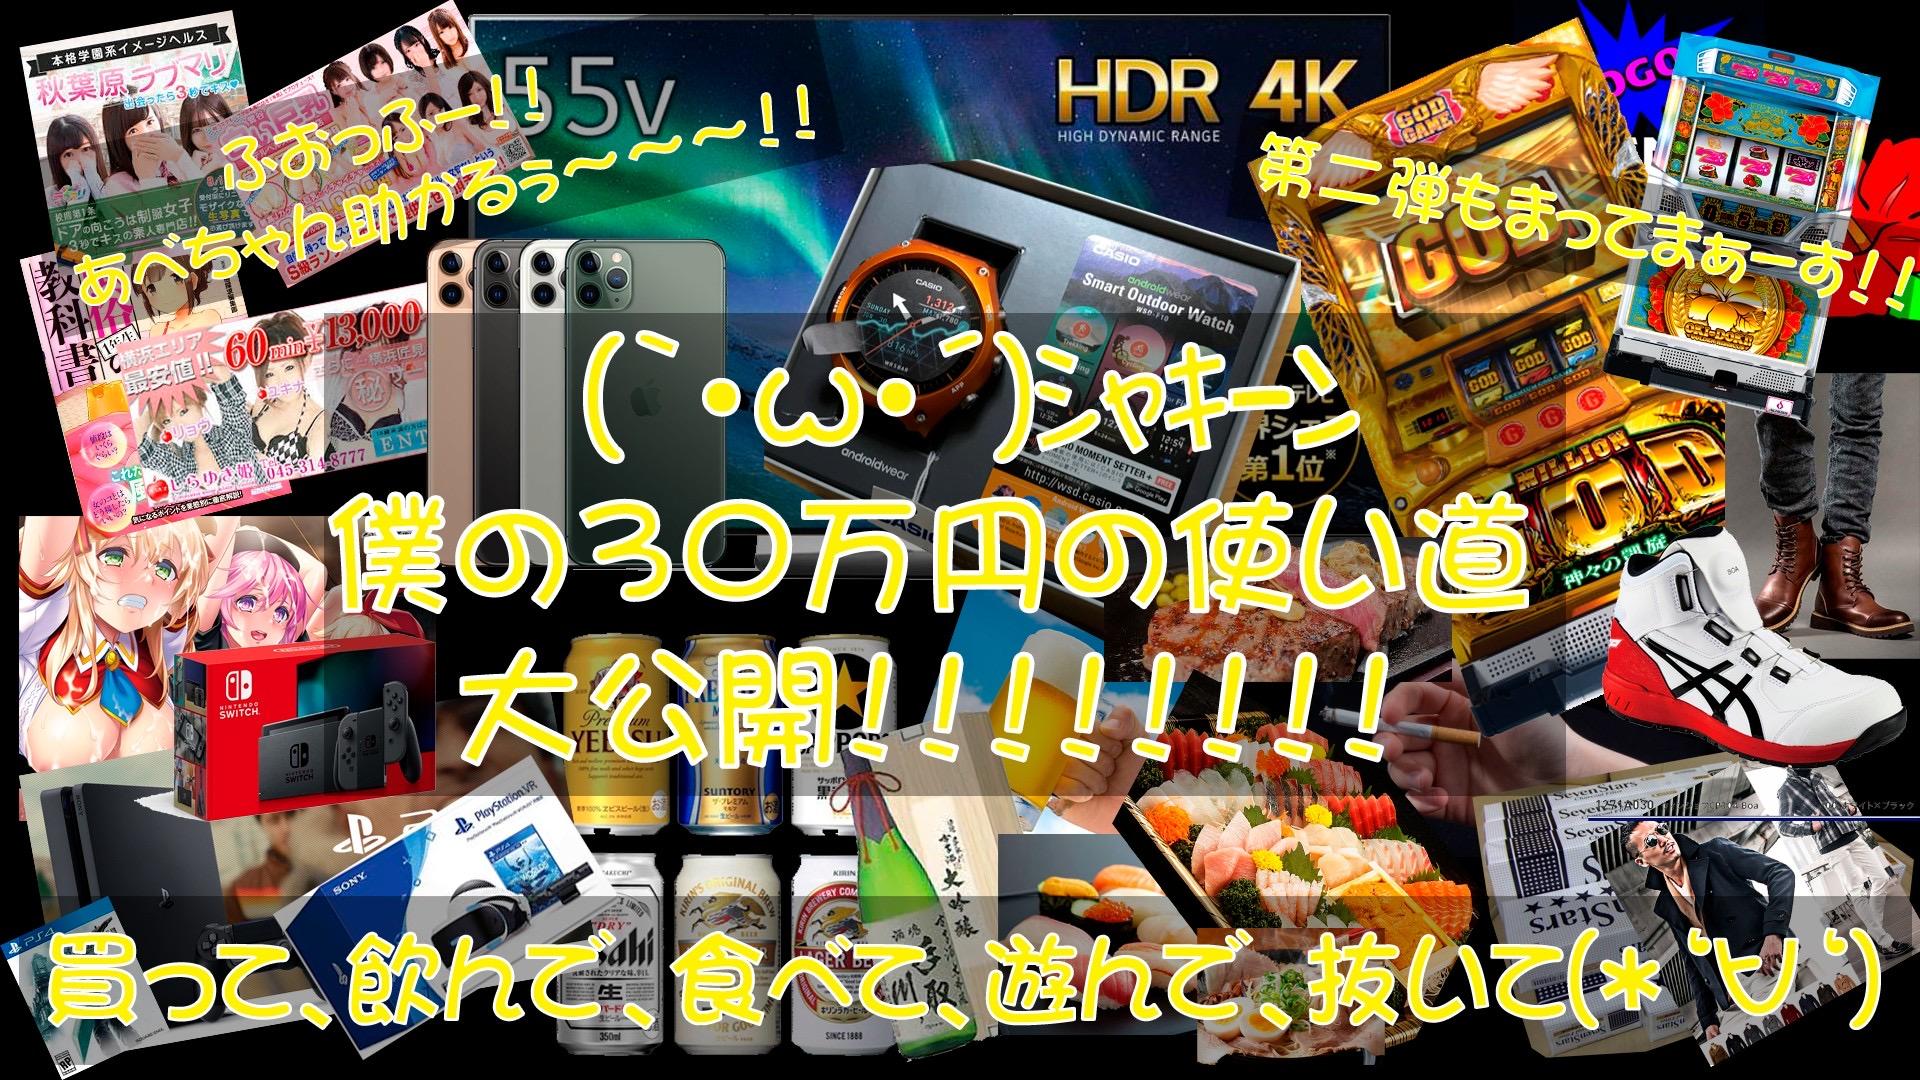 【30万円】ニート・無職でも「1円でも減収」かつ「単身世帯主」なら給付金もらえることが判明